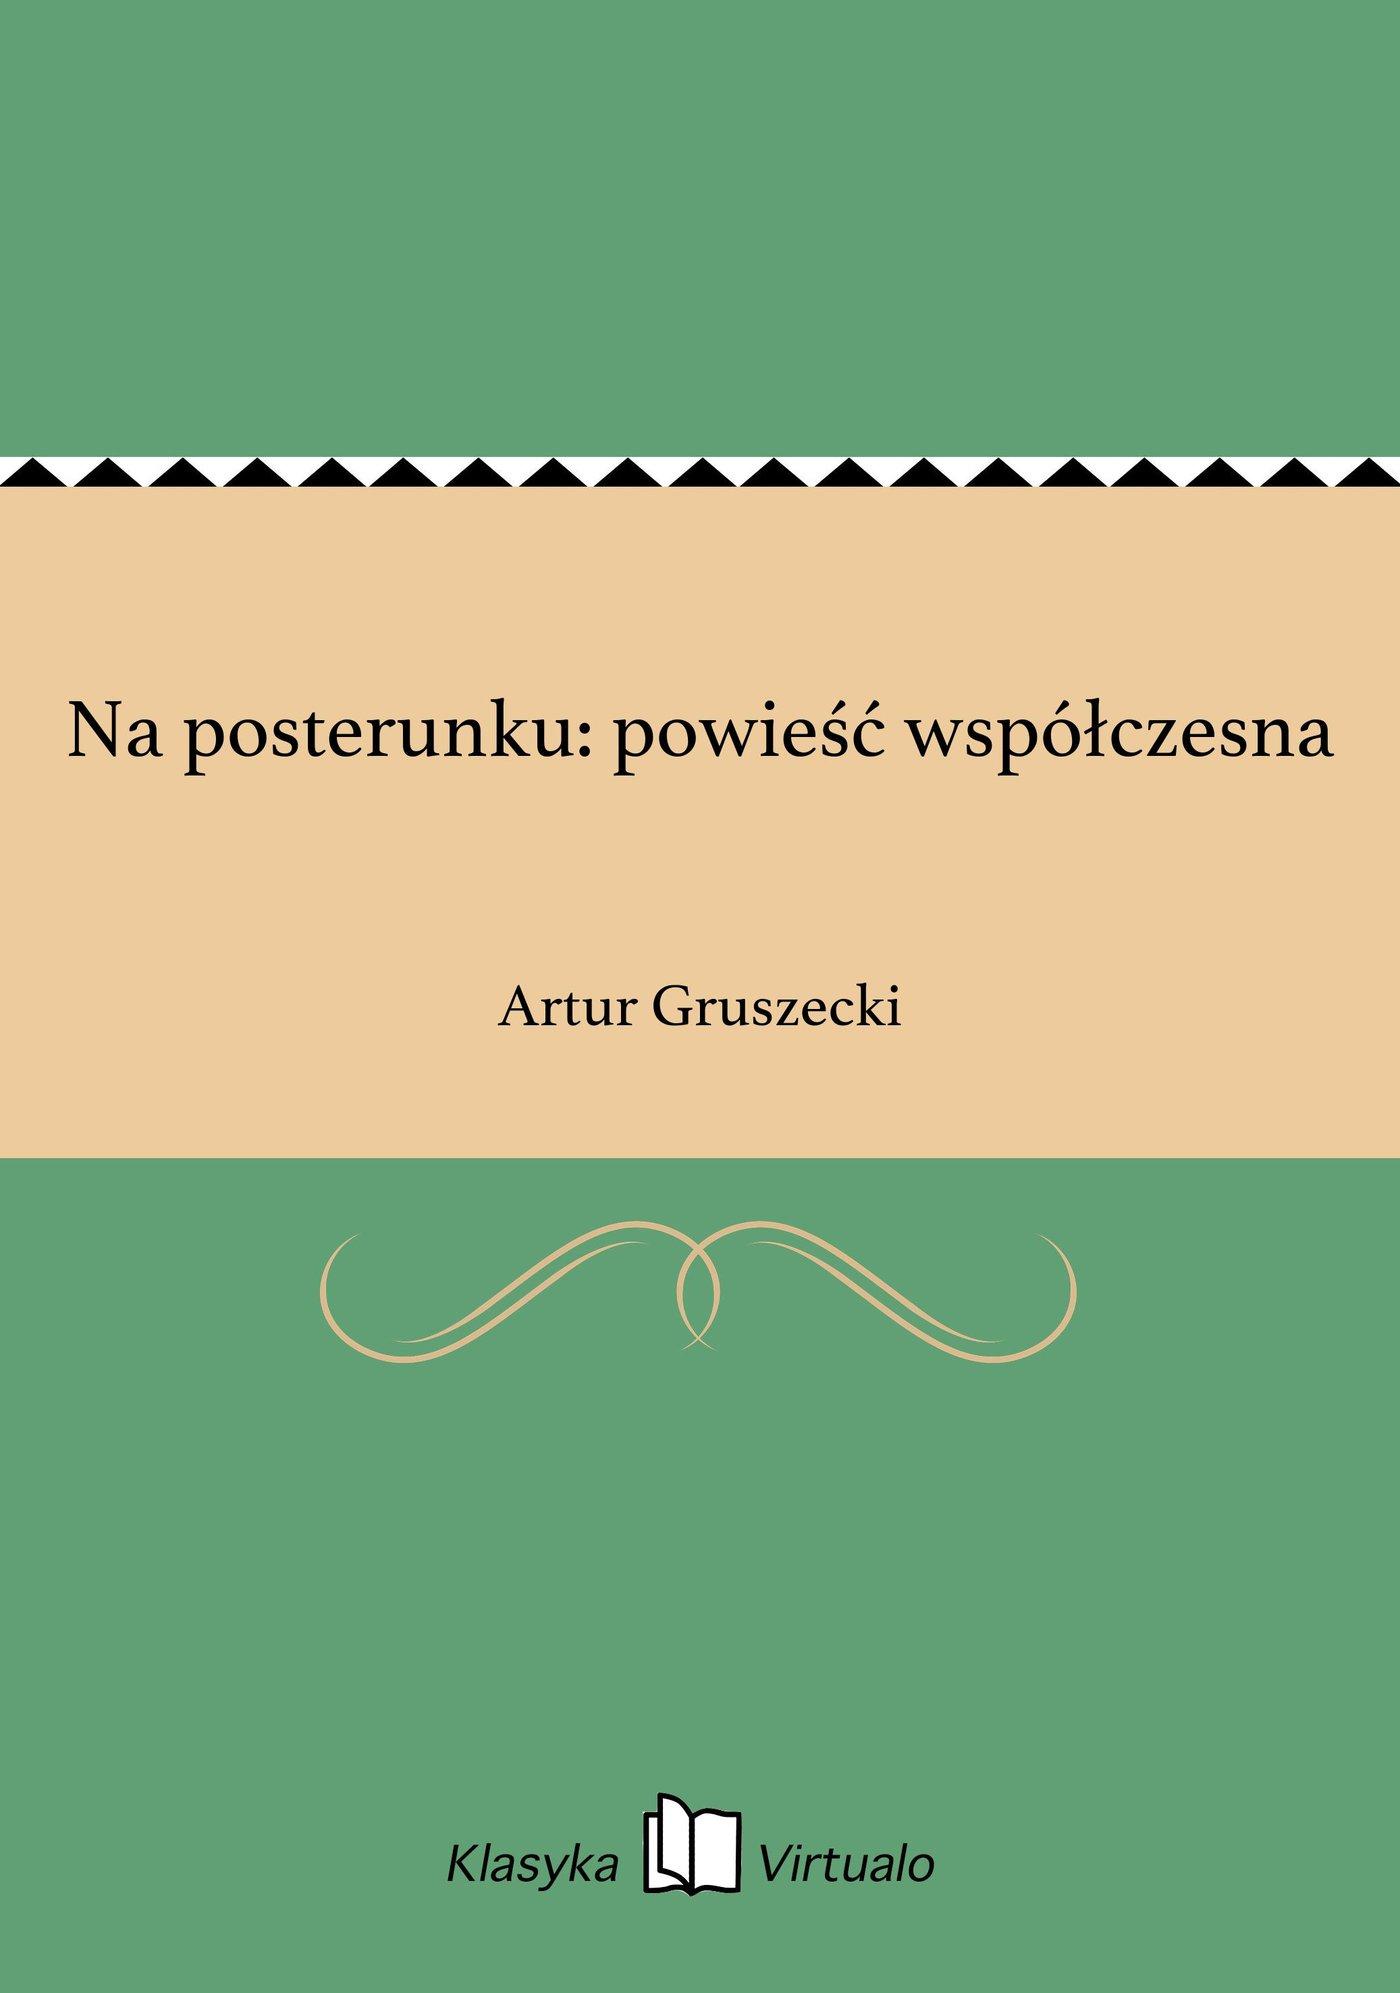 Na posterunku: powieść współczesna - Ebook (Książka EPUB) do pobrania w formacie EPUB